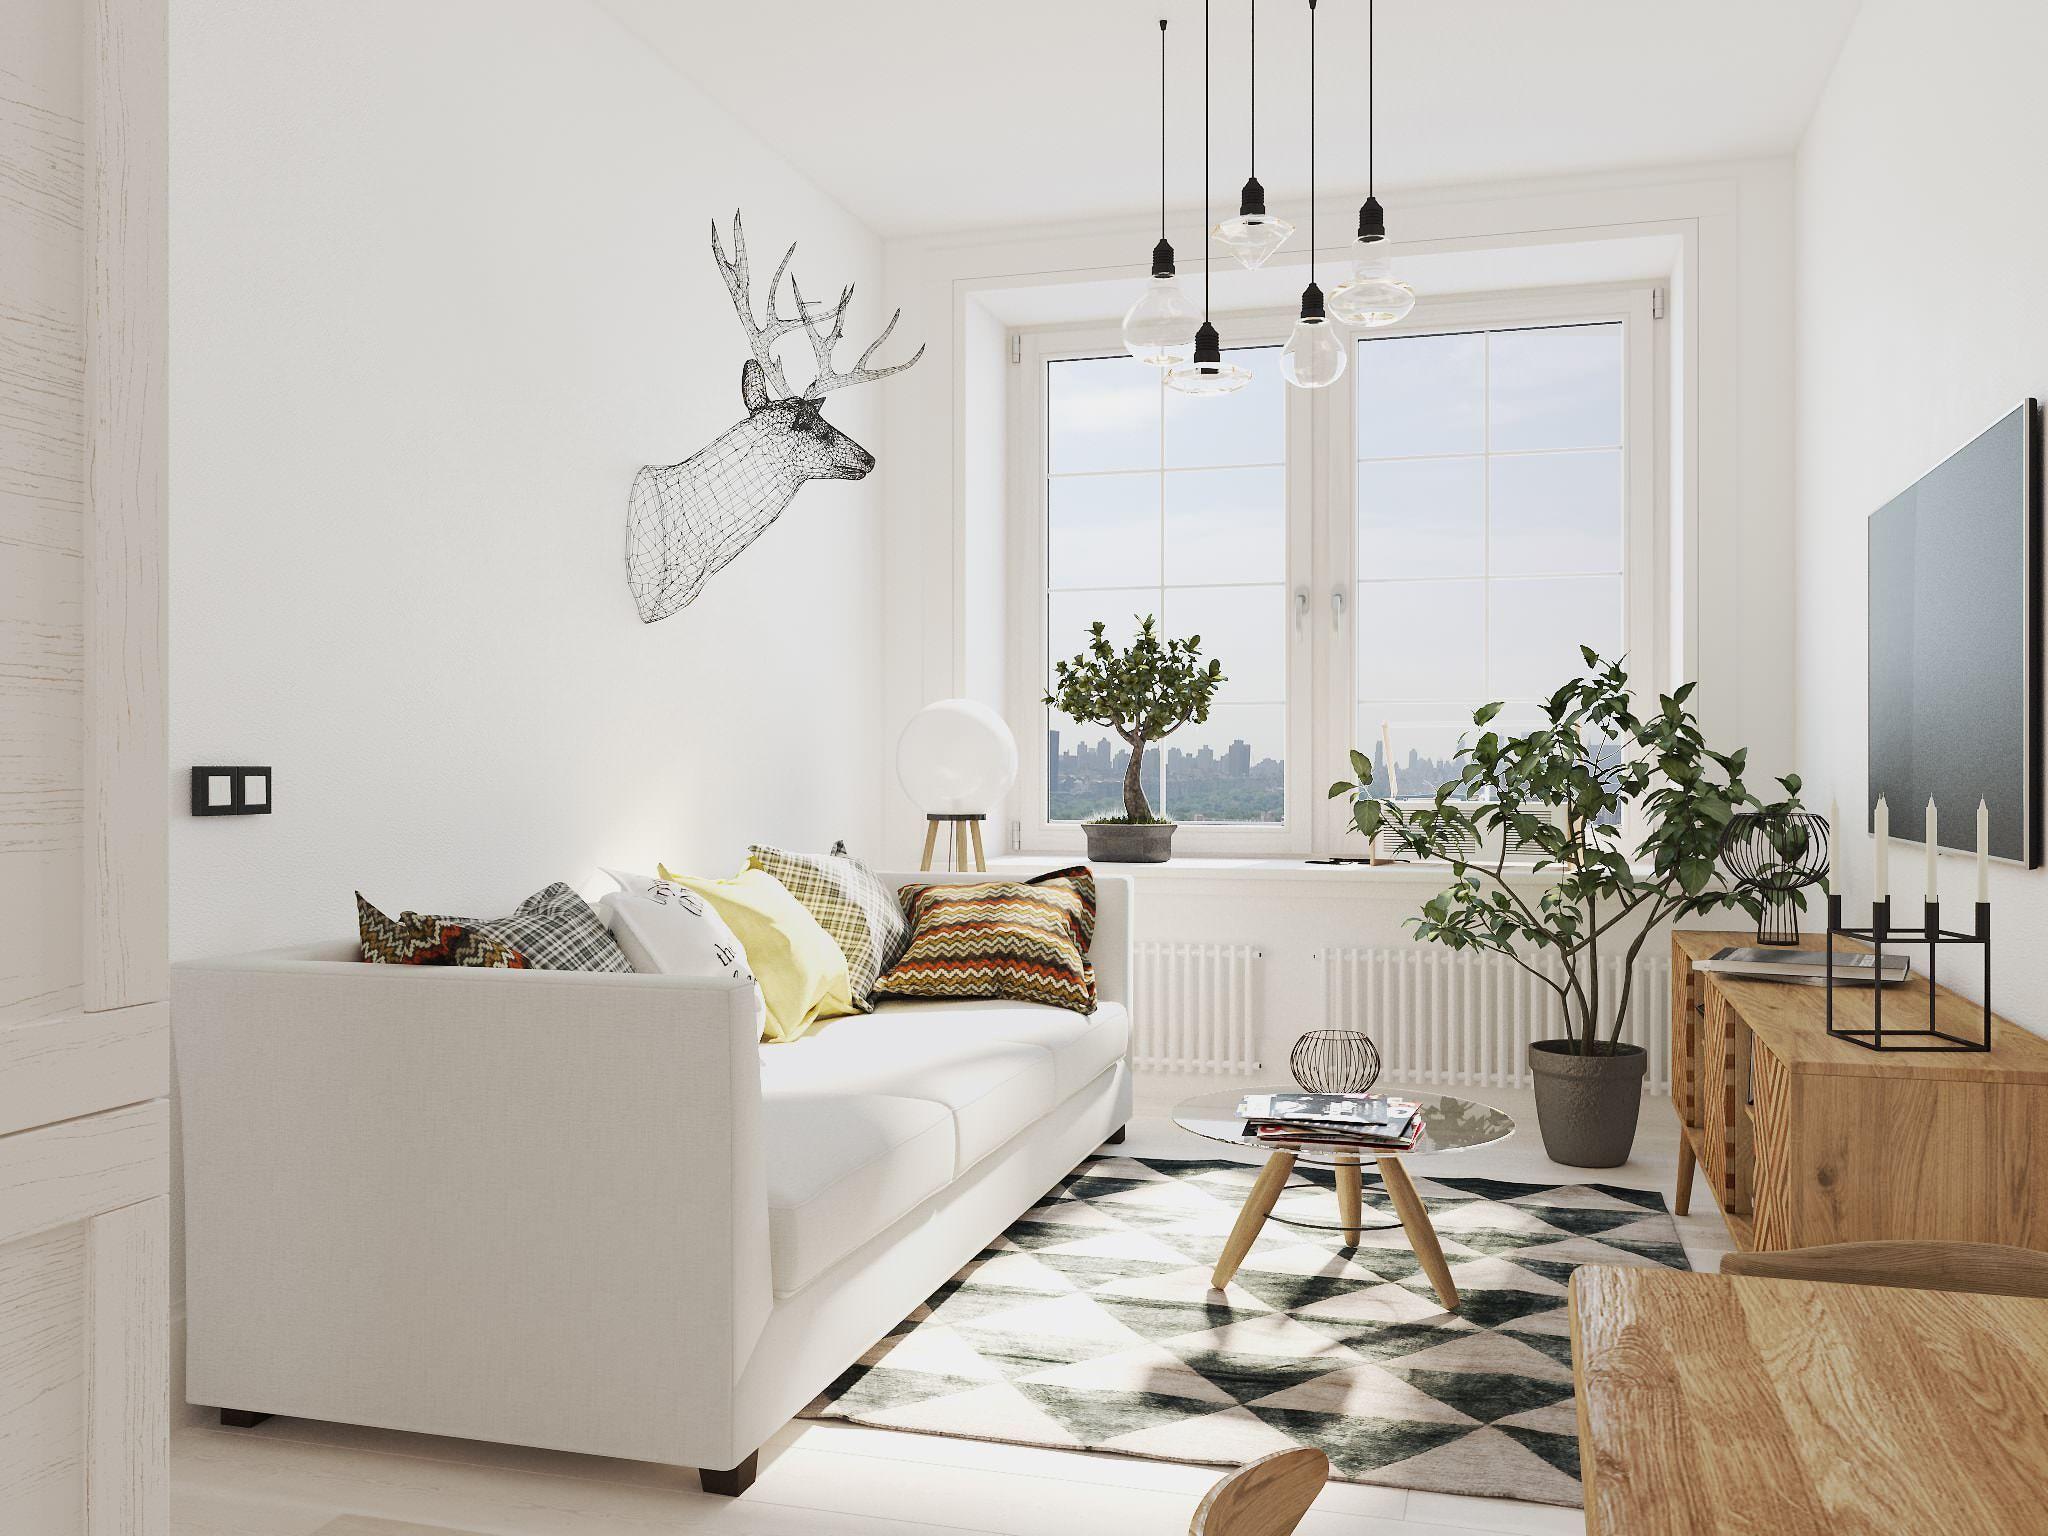 Последние тенденции использования скандинавского стиля в интерьере